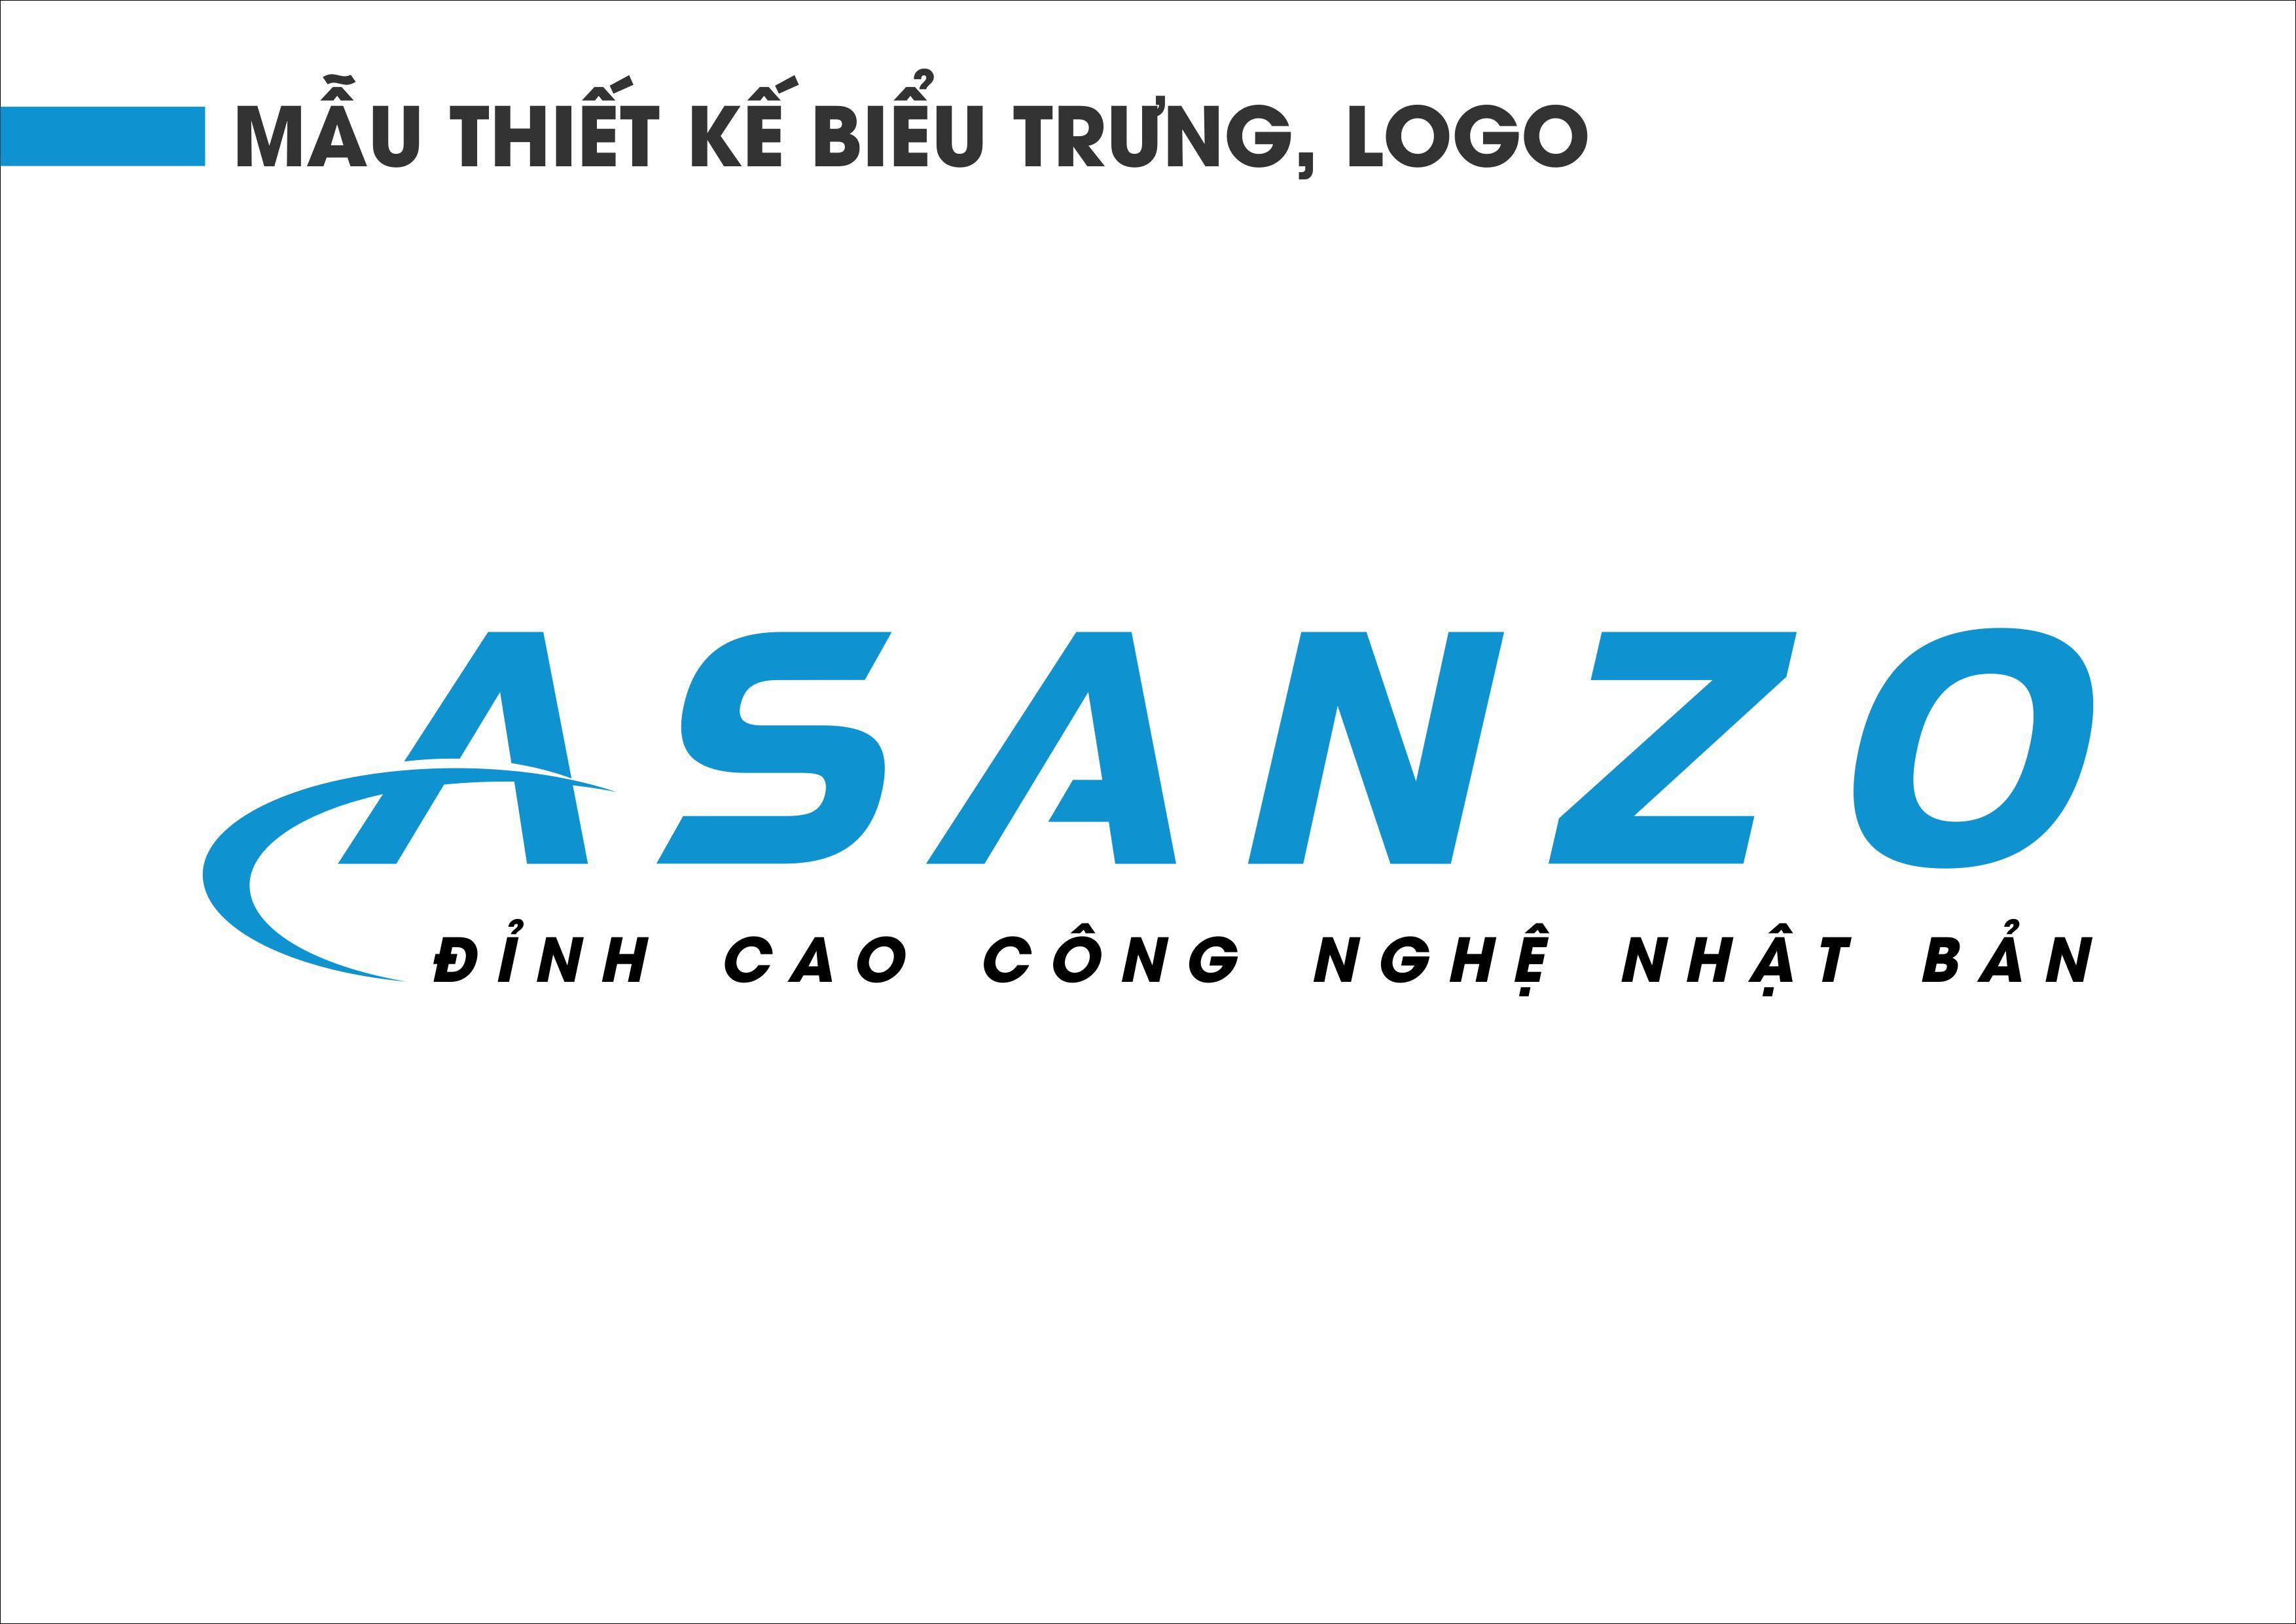 Trần Văn Châu